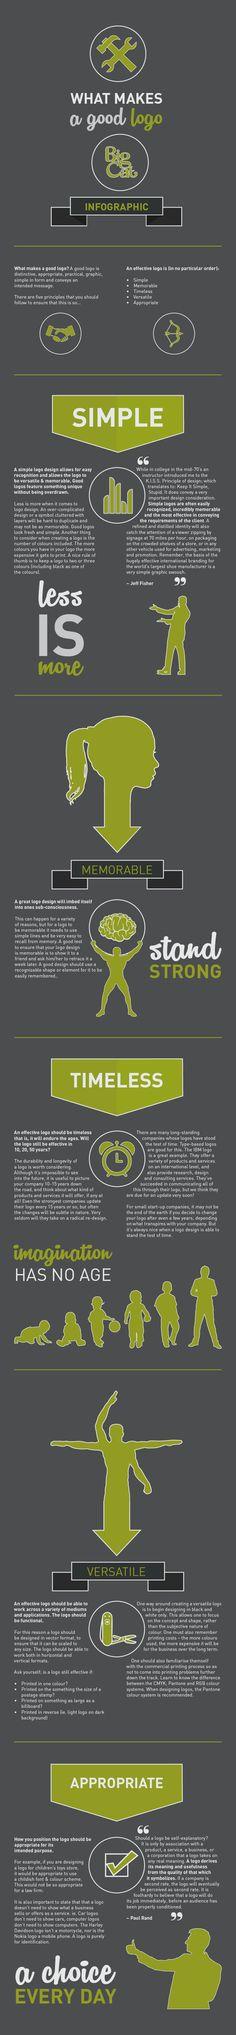 (EN) Que hace bueno a un logo #infografia